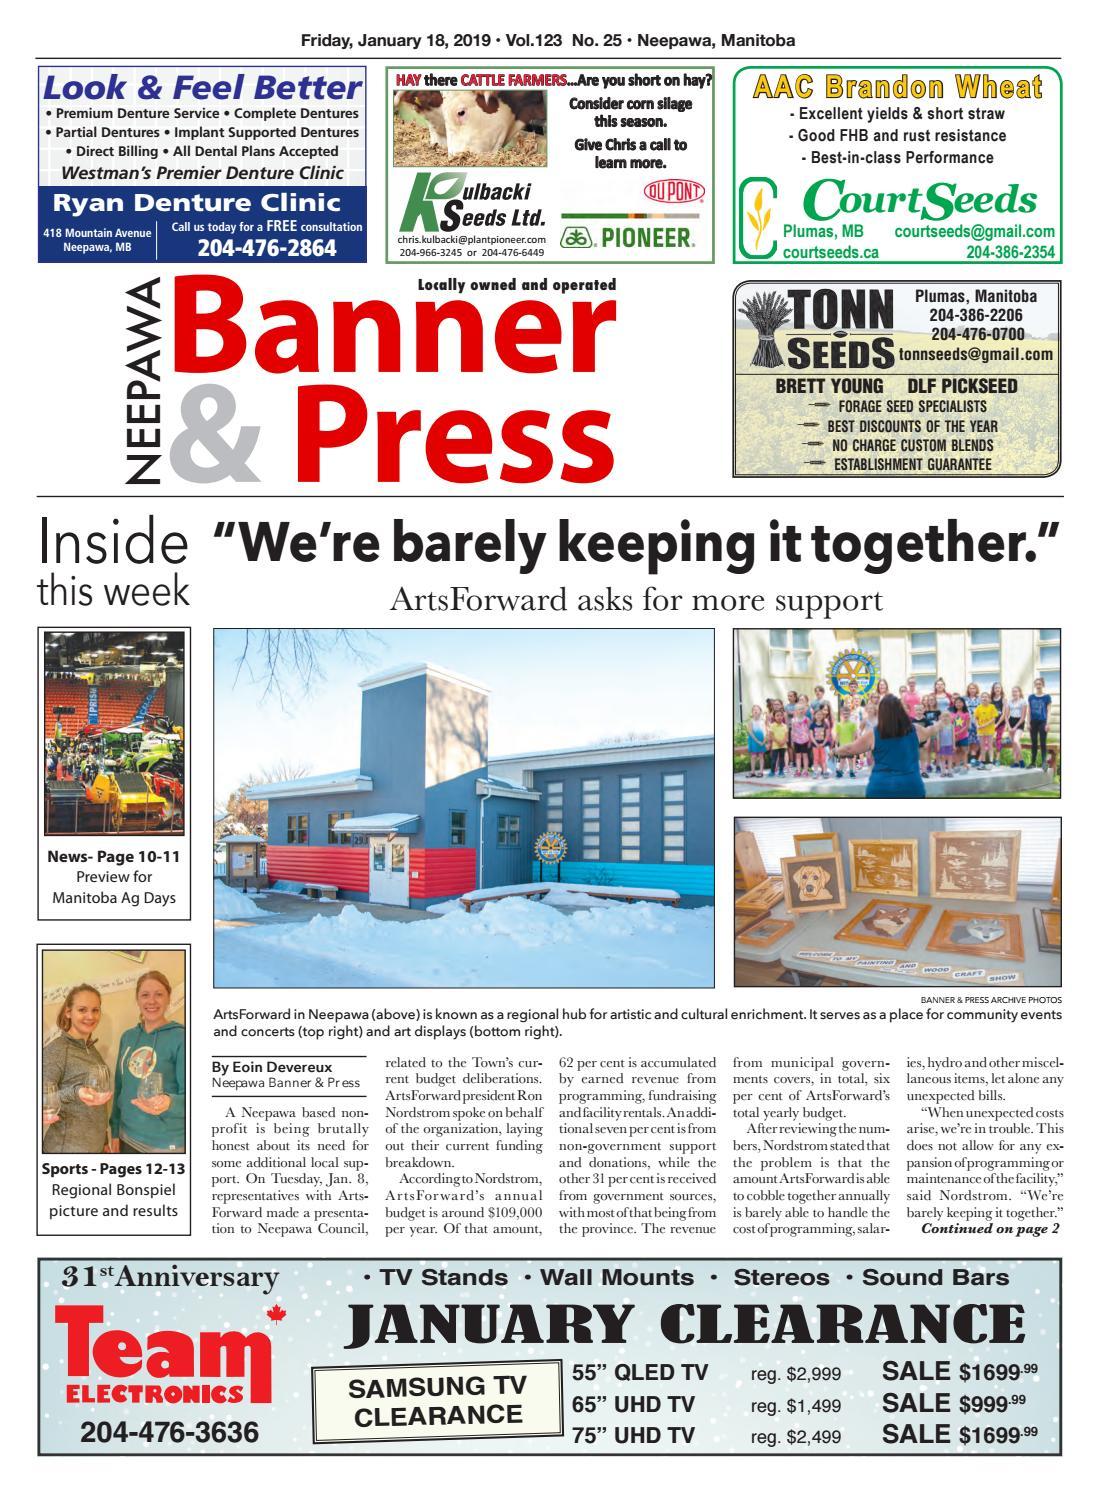 Friday, January 18, 2019 Neepawa Banner & Press by Neepawa